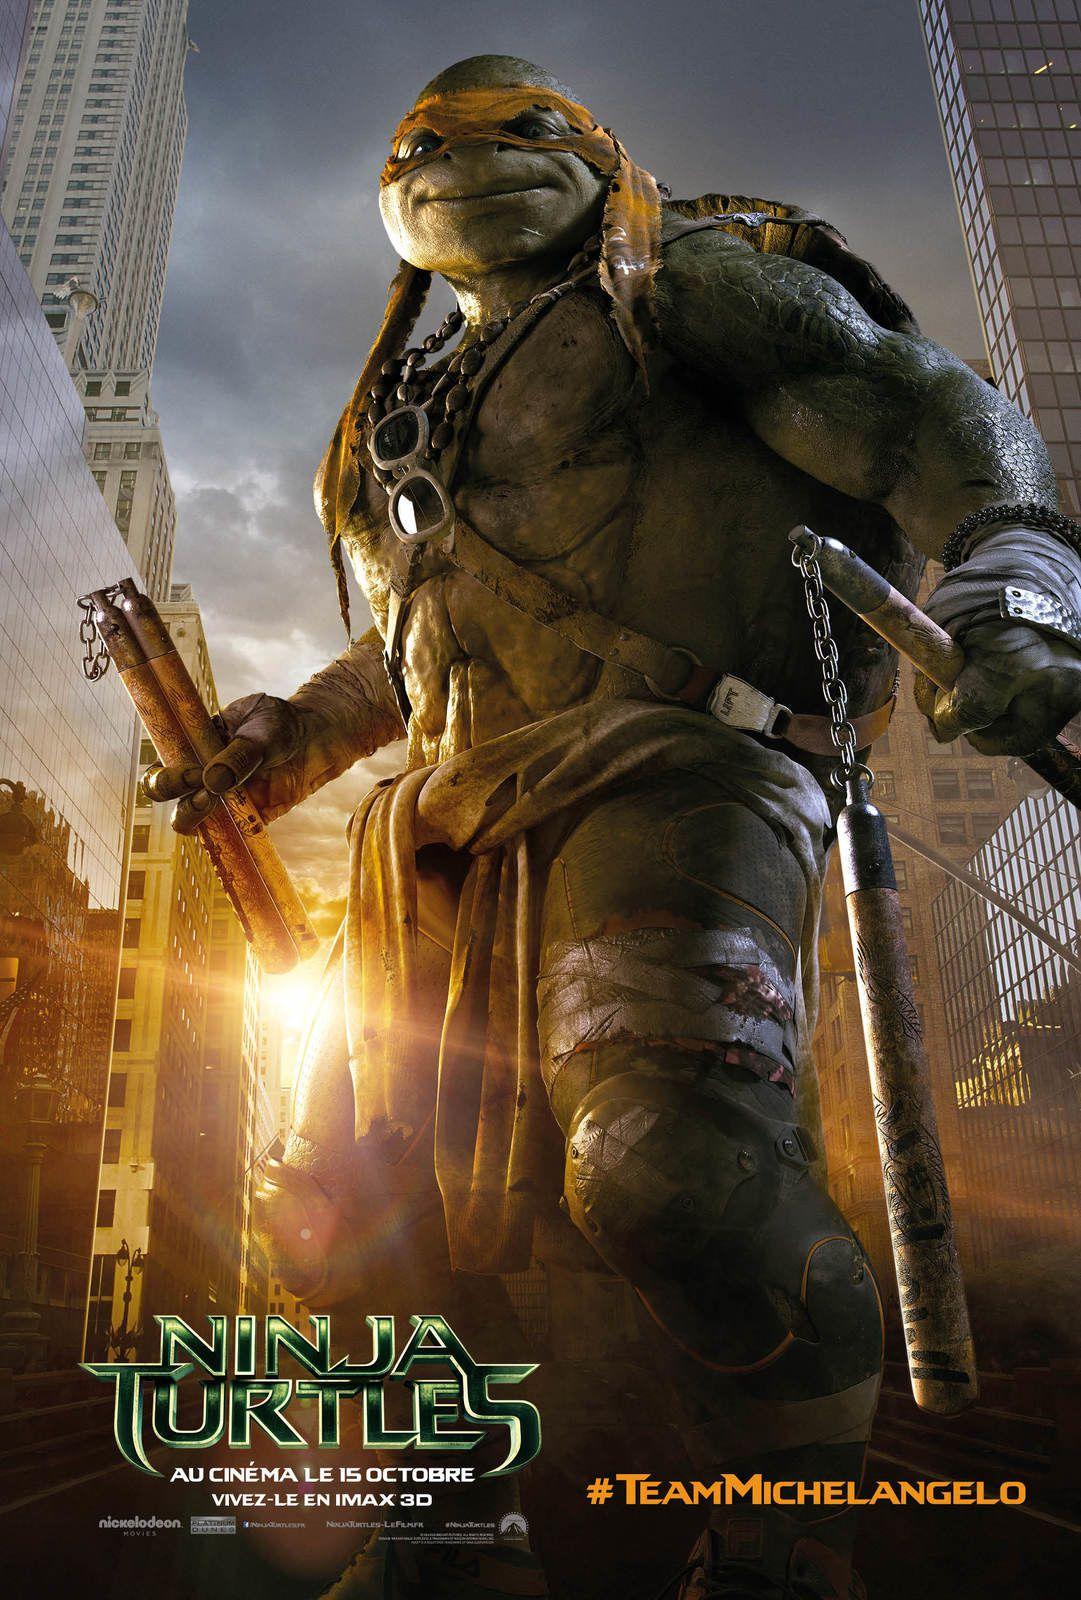 NINJA TURTLES - Découvrez qui se cache derrière chacun de nos super-héros avec de nouvelles affiches ! Au cinéma le 15 octobre 2014